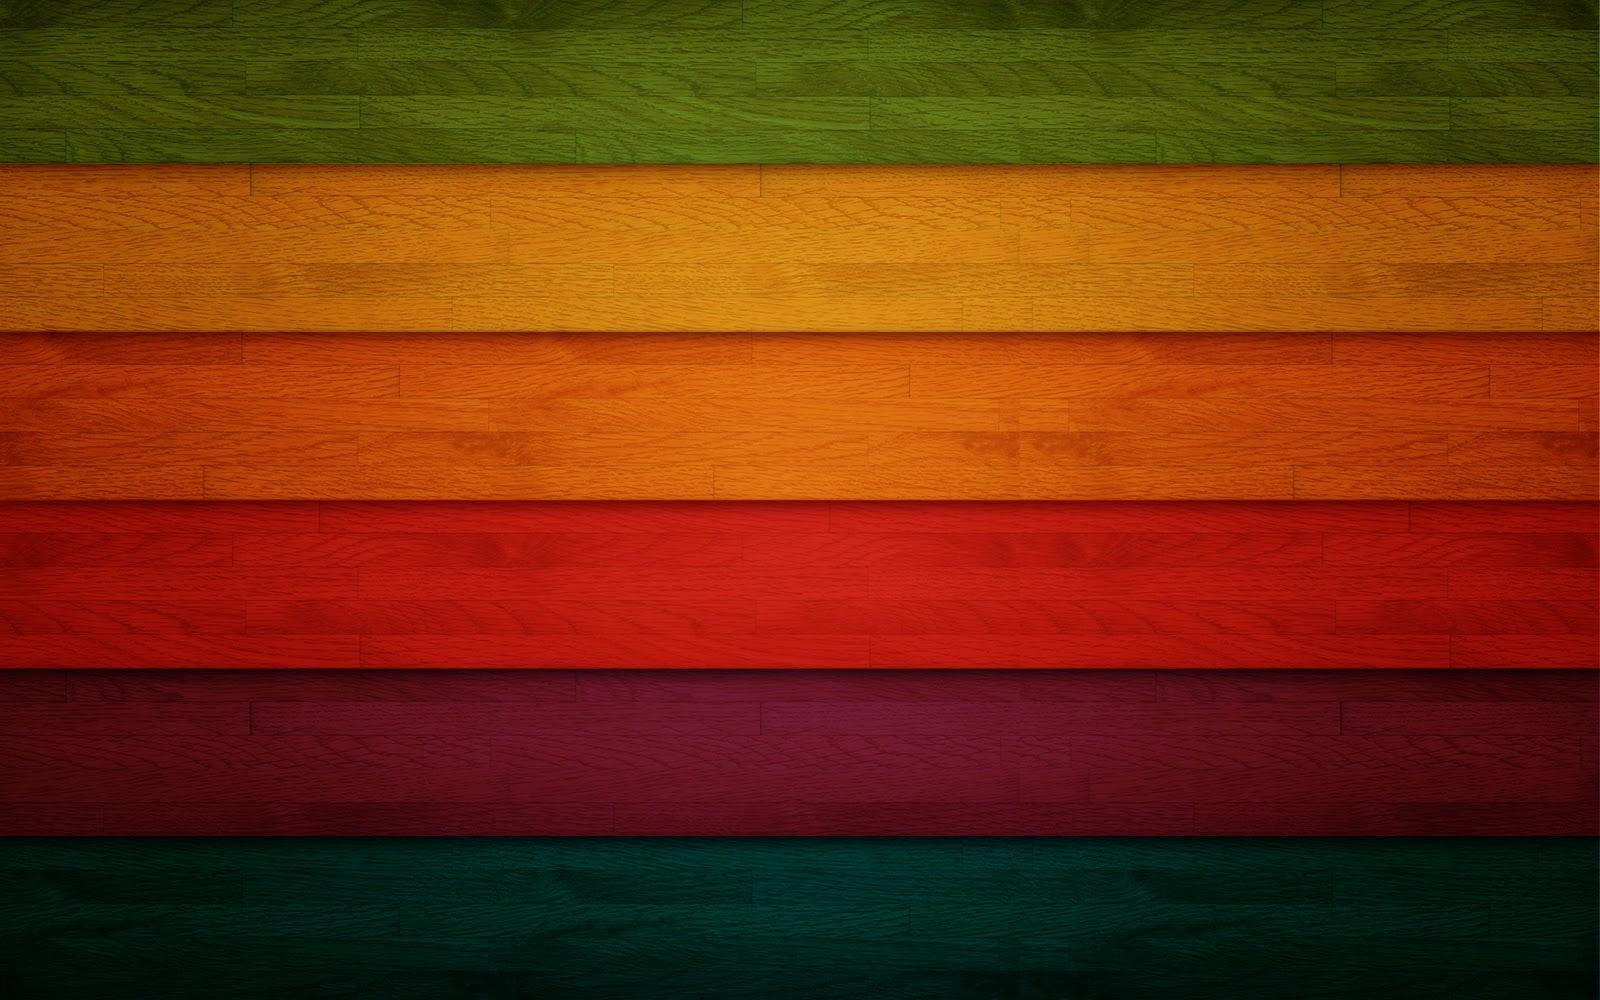 houten achtergronden hd - photo #27